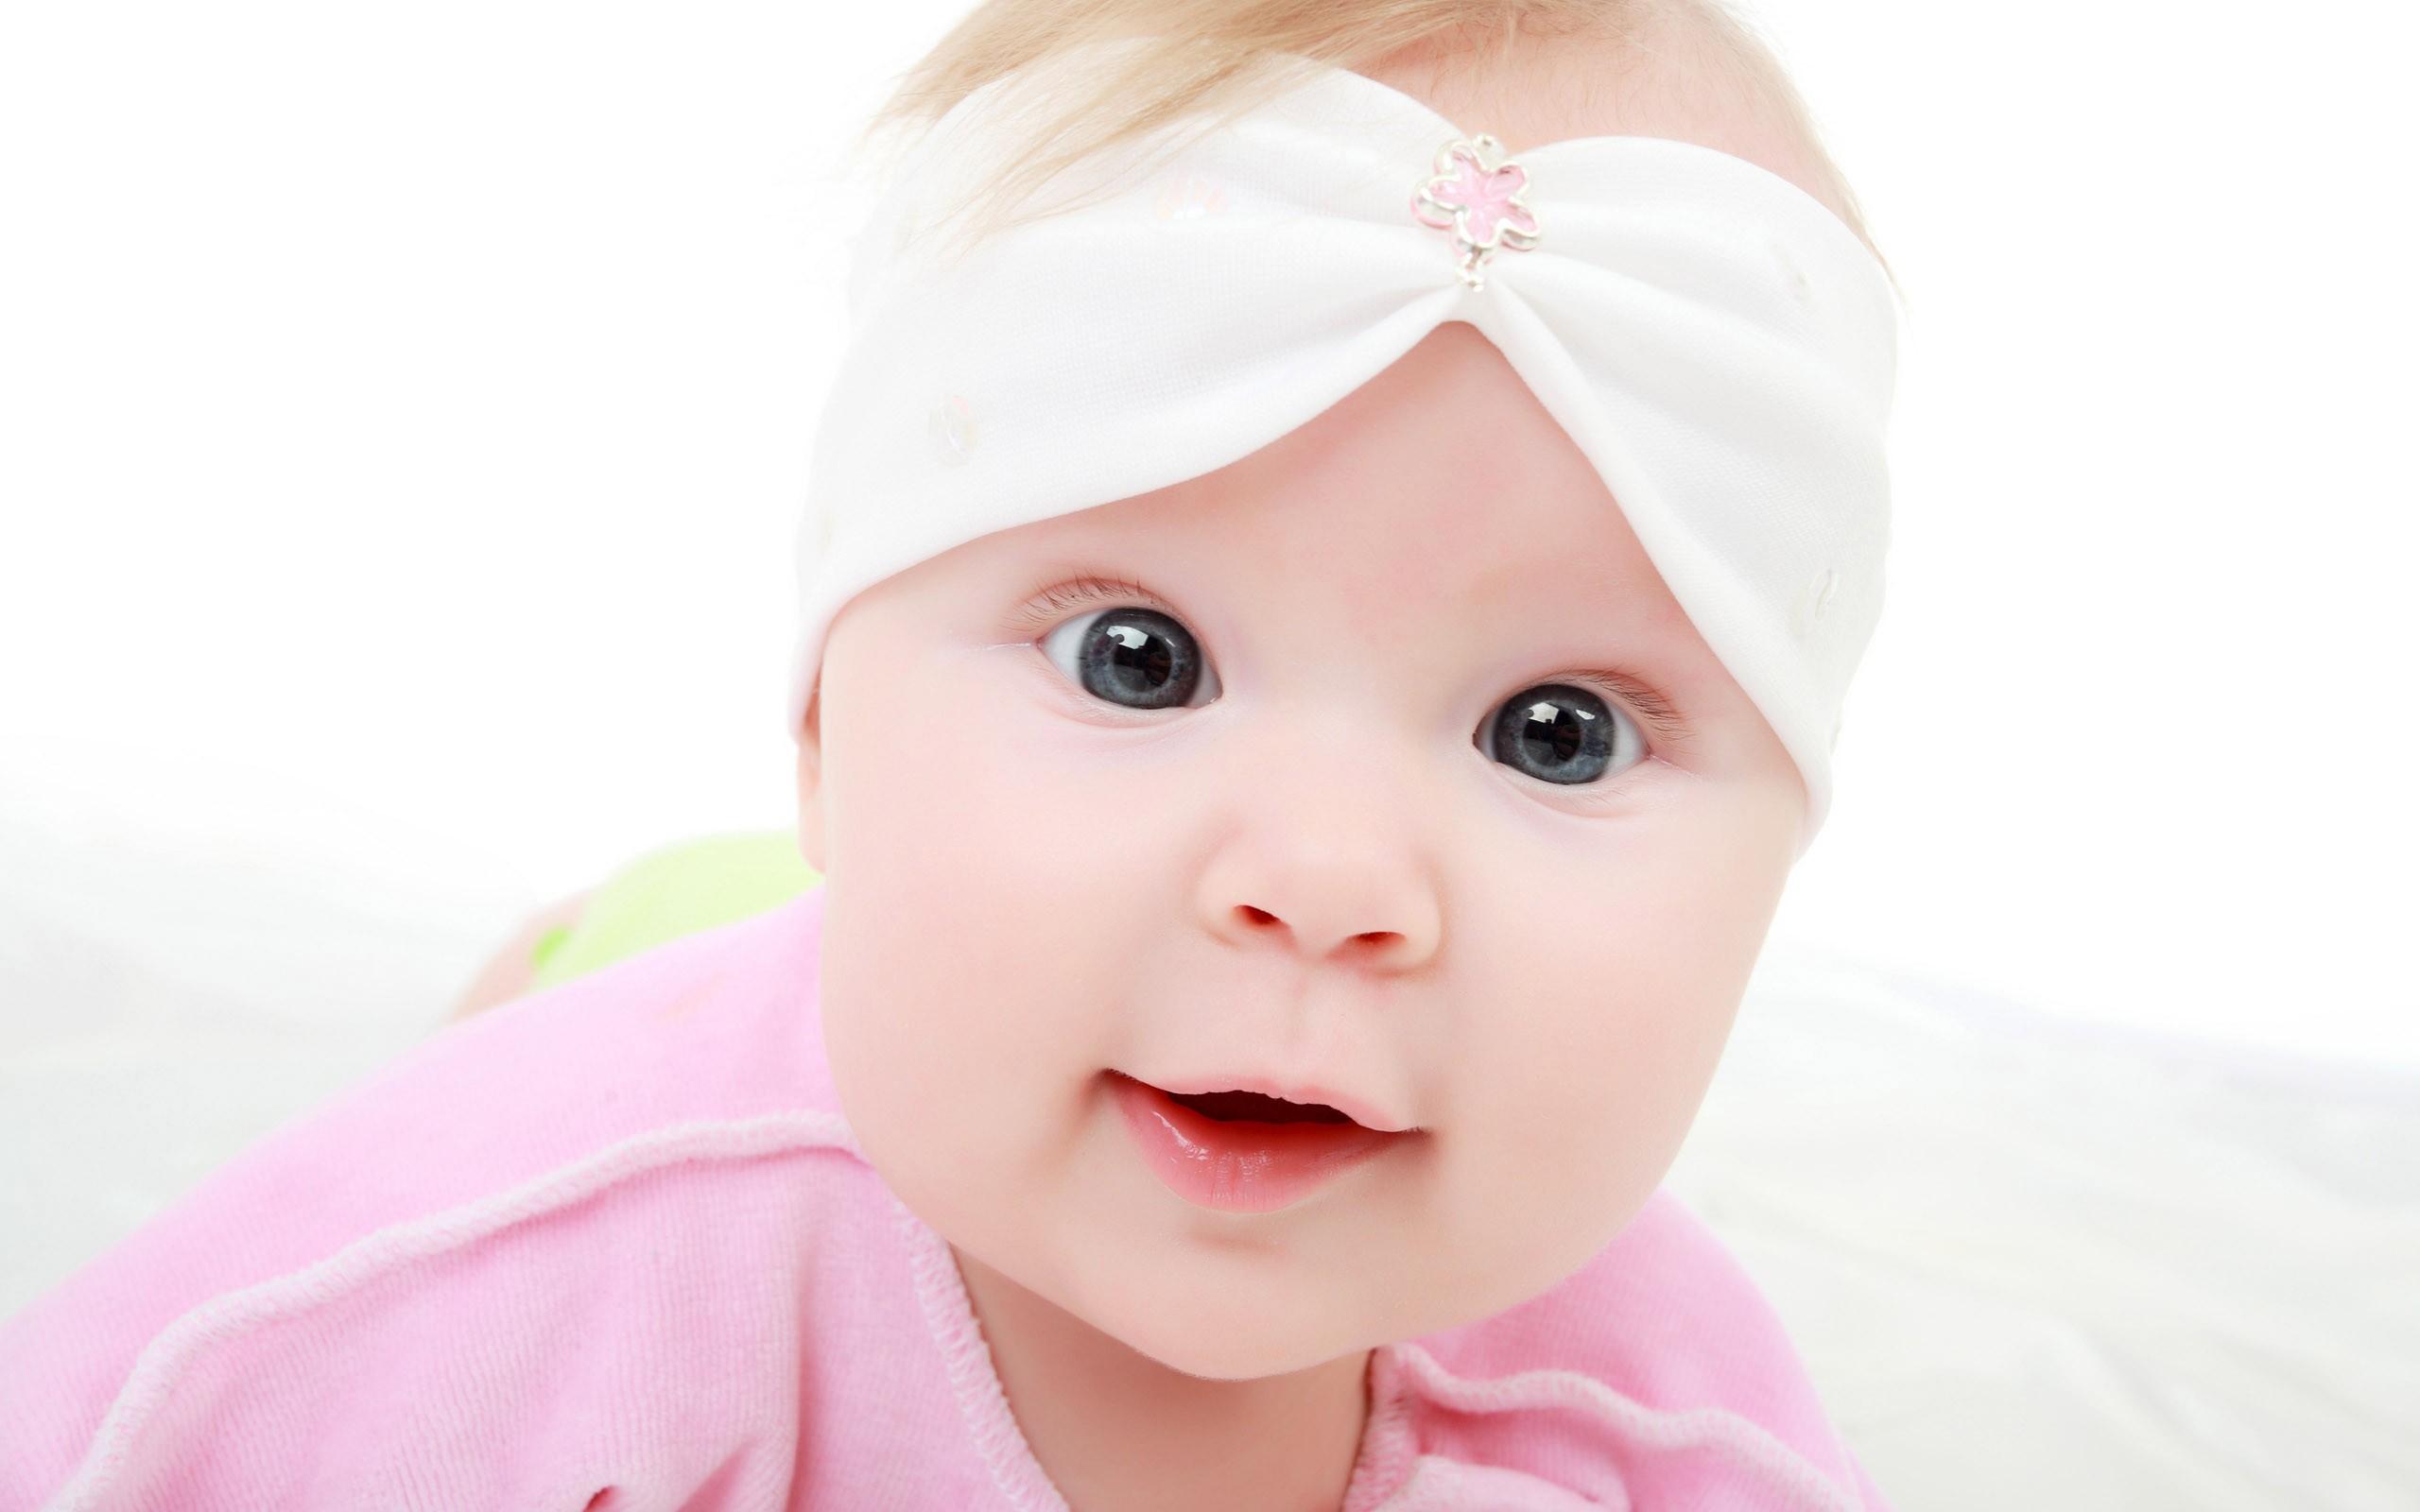 Hermosos bebes (fotos) - Taringa!